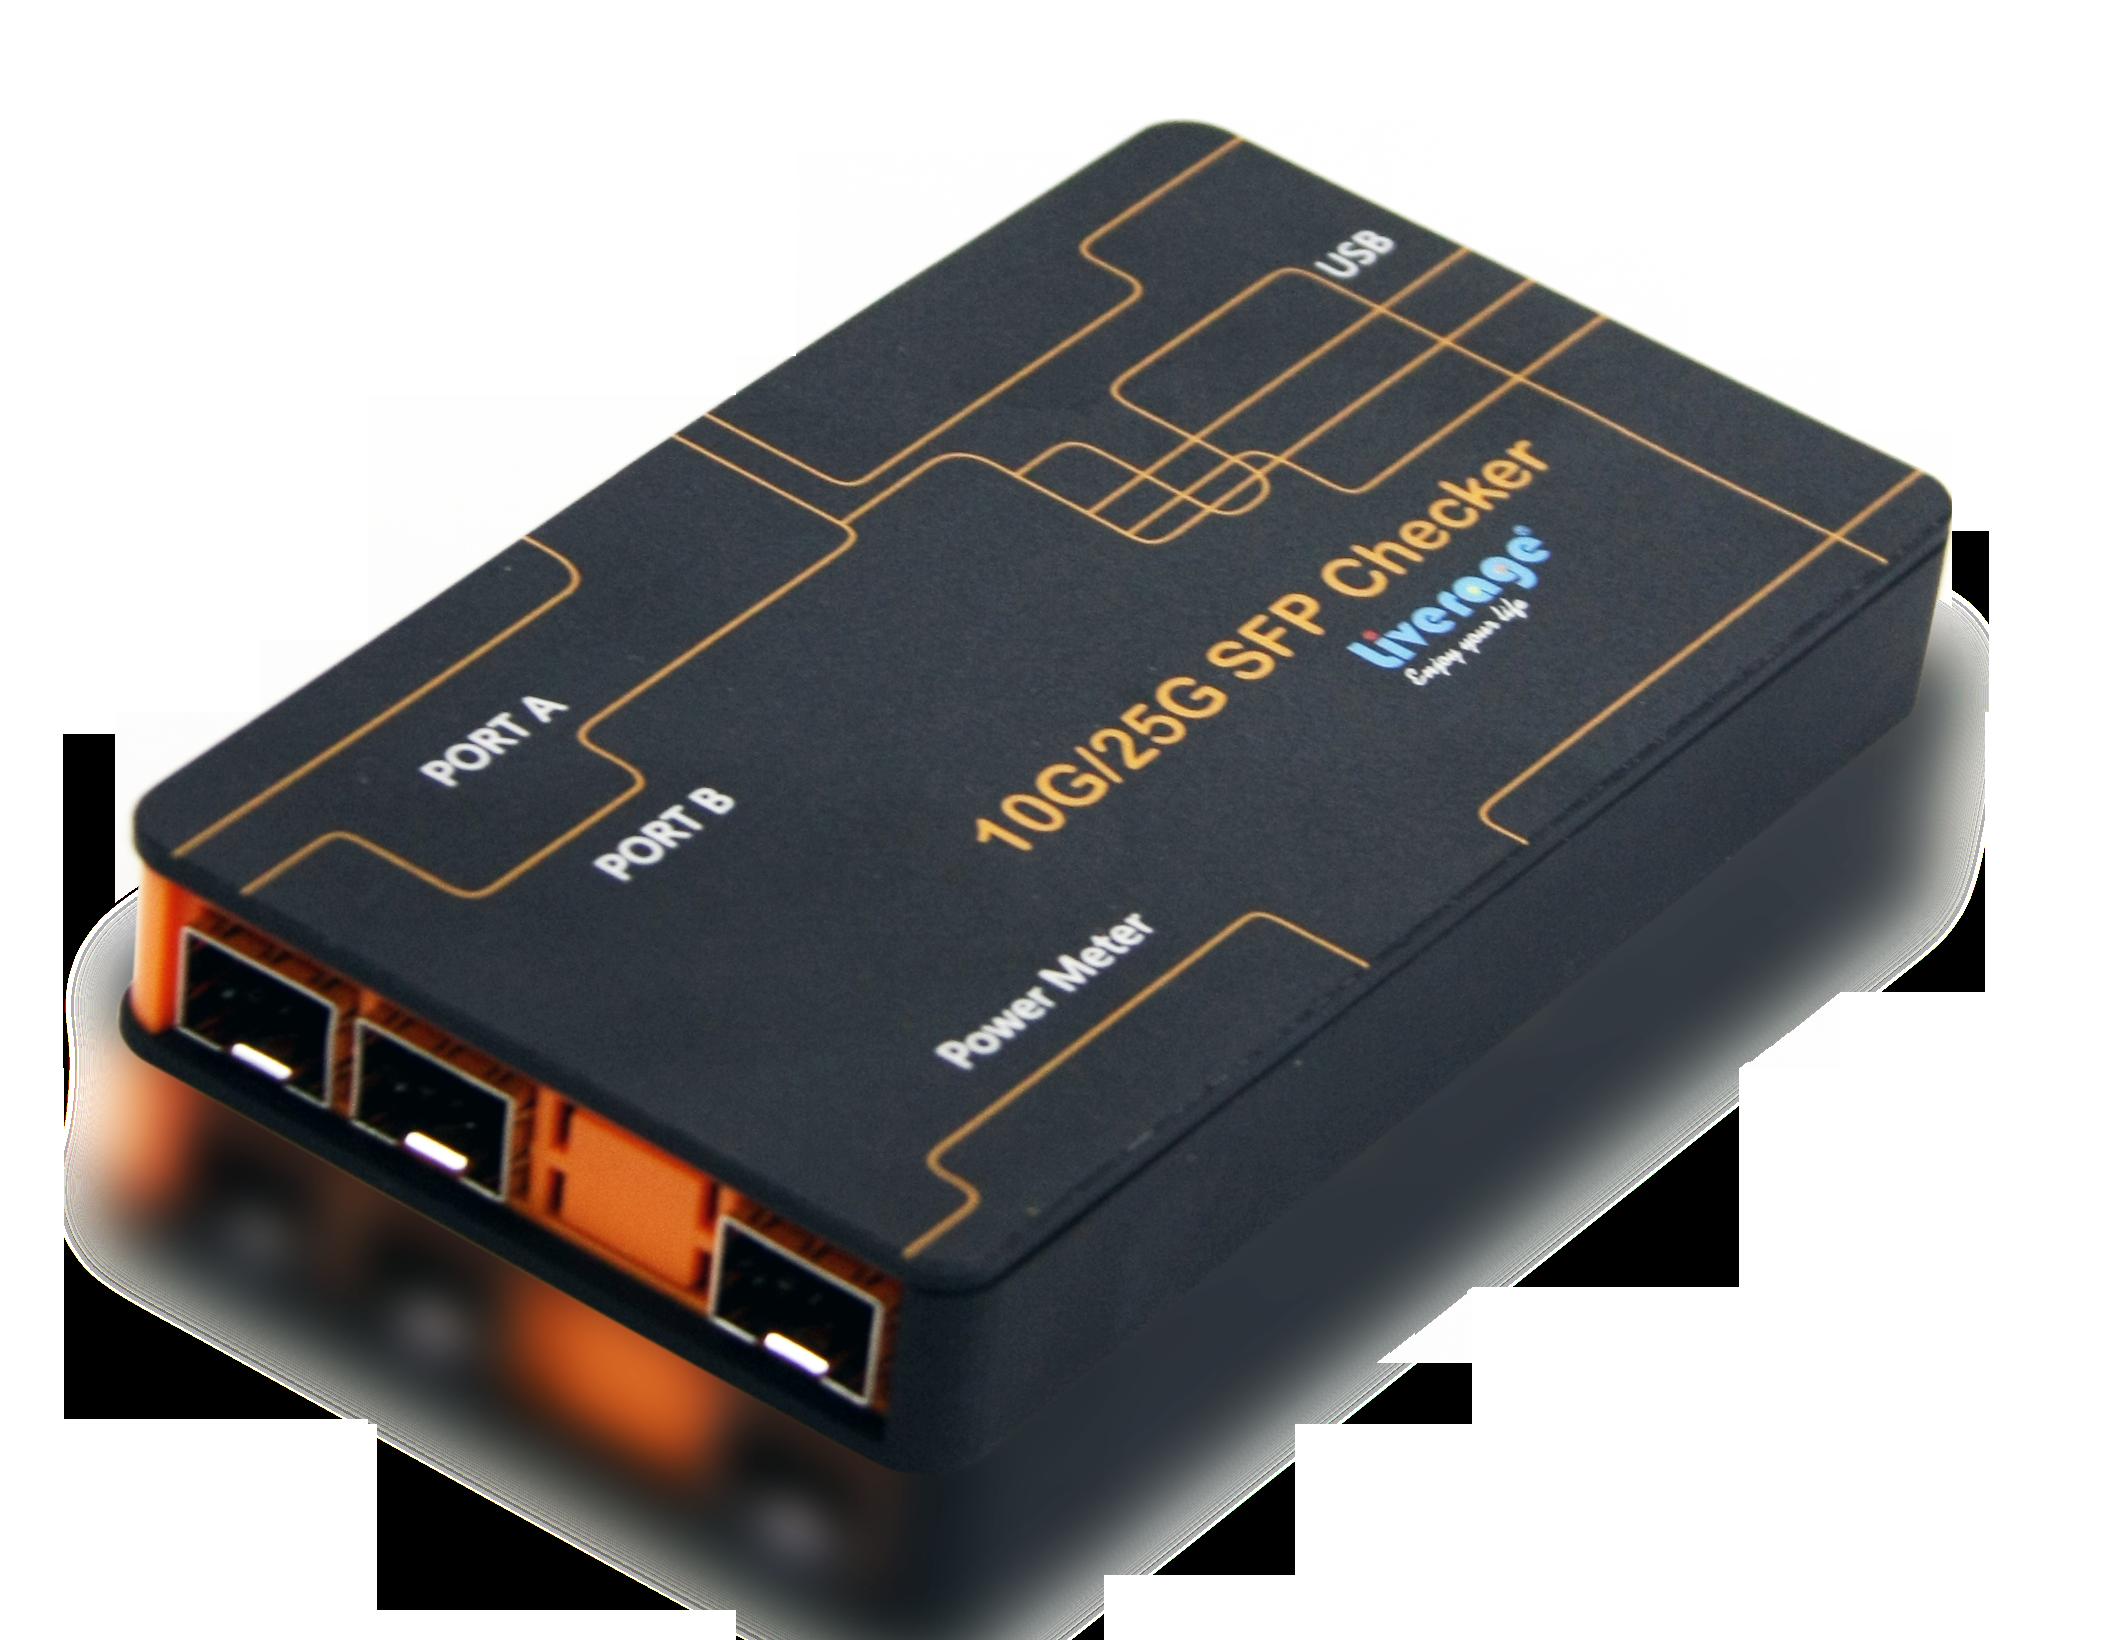 10G SFP +チェッカーは、光パワーの測定、内部メモリEEPROMの読み取り、およびDDM情報の監視を行うことができます。